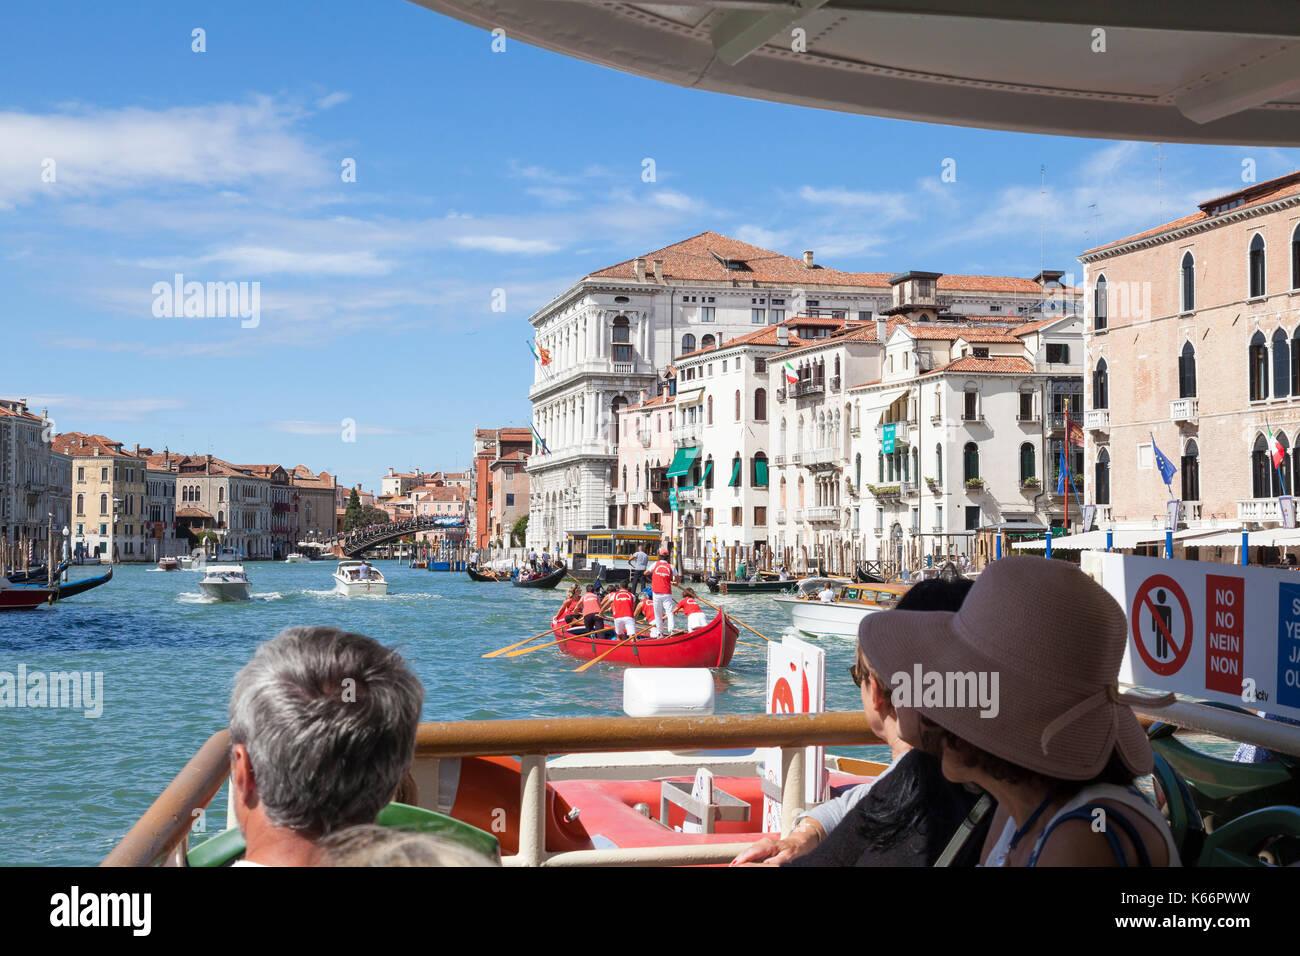 Les touristes sur un vaporetto desservant le Grand Canal, Venise, Italie à partir de la première personne à la recherche sur les arcs. Équipe de rameurs vénitiens Photo Stock